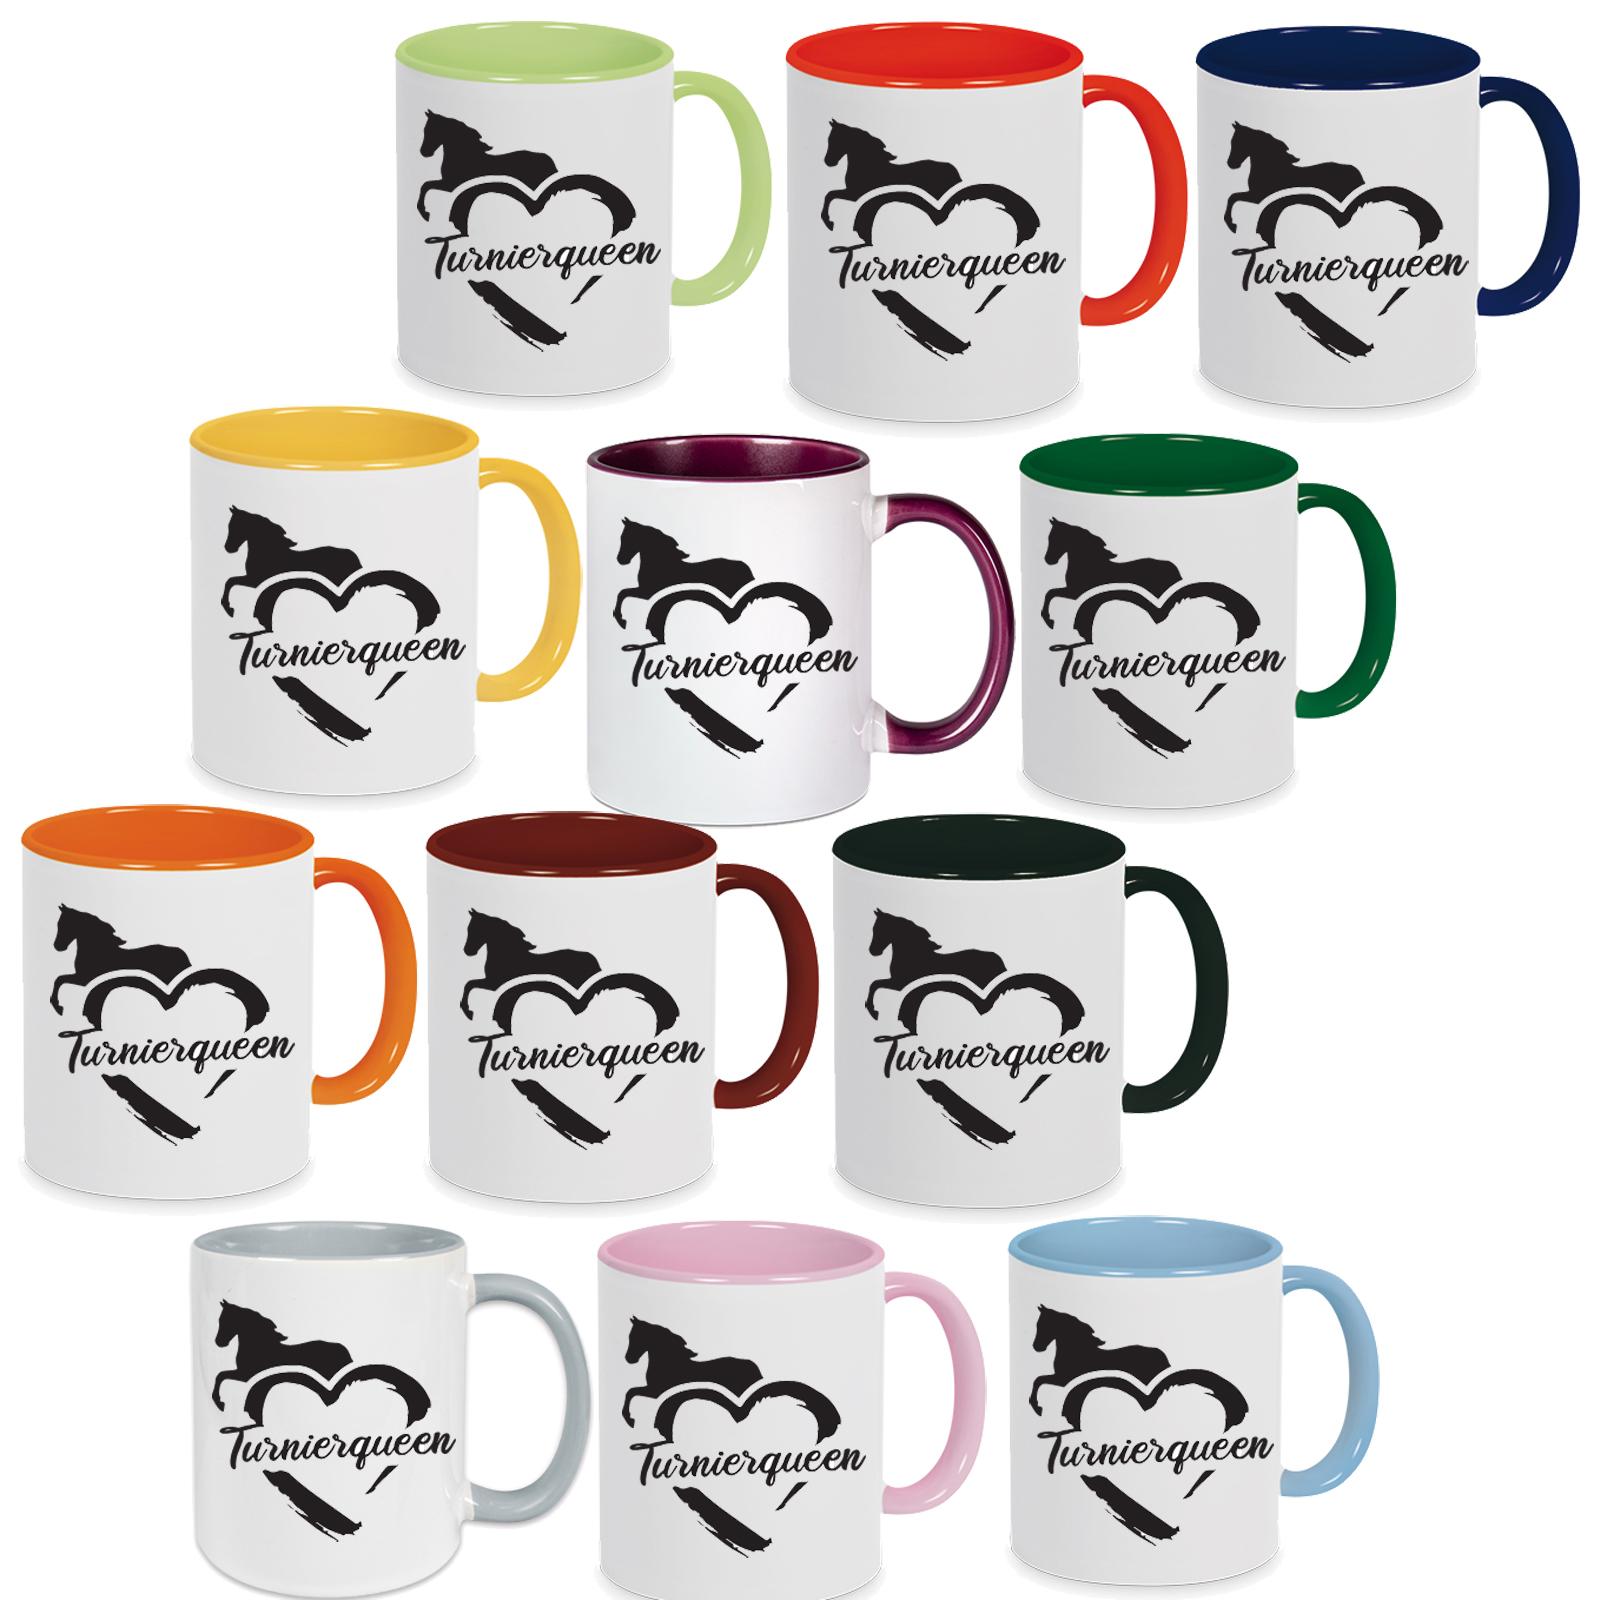 Tasse mit Spruch: Turnierqueen, Tasse, Kaffeebecher, Kaffeetasse bedruckt, Pferdetasse